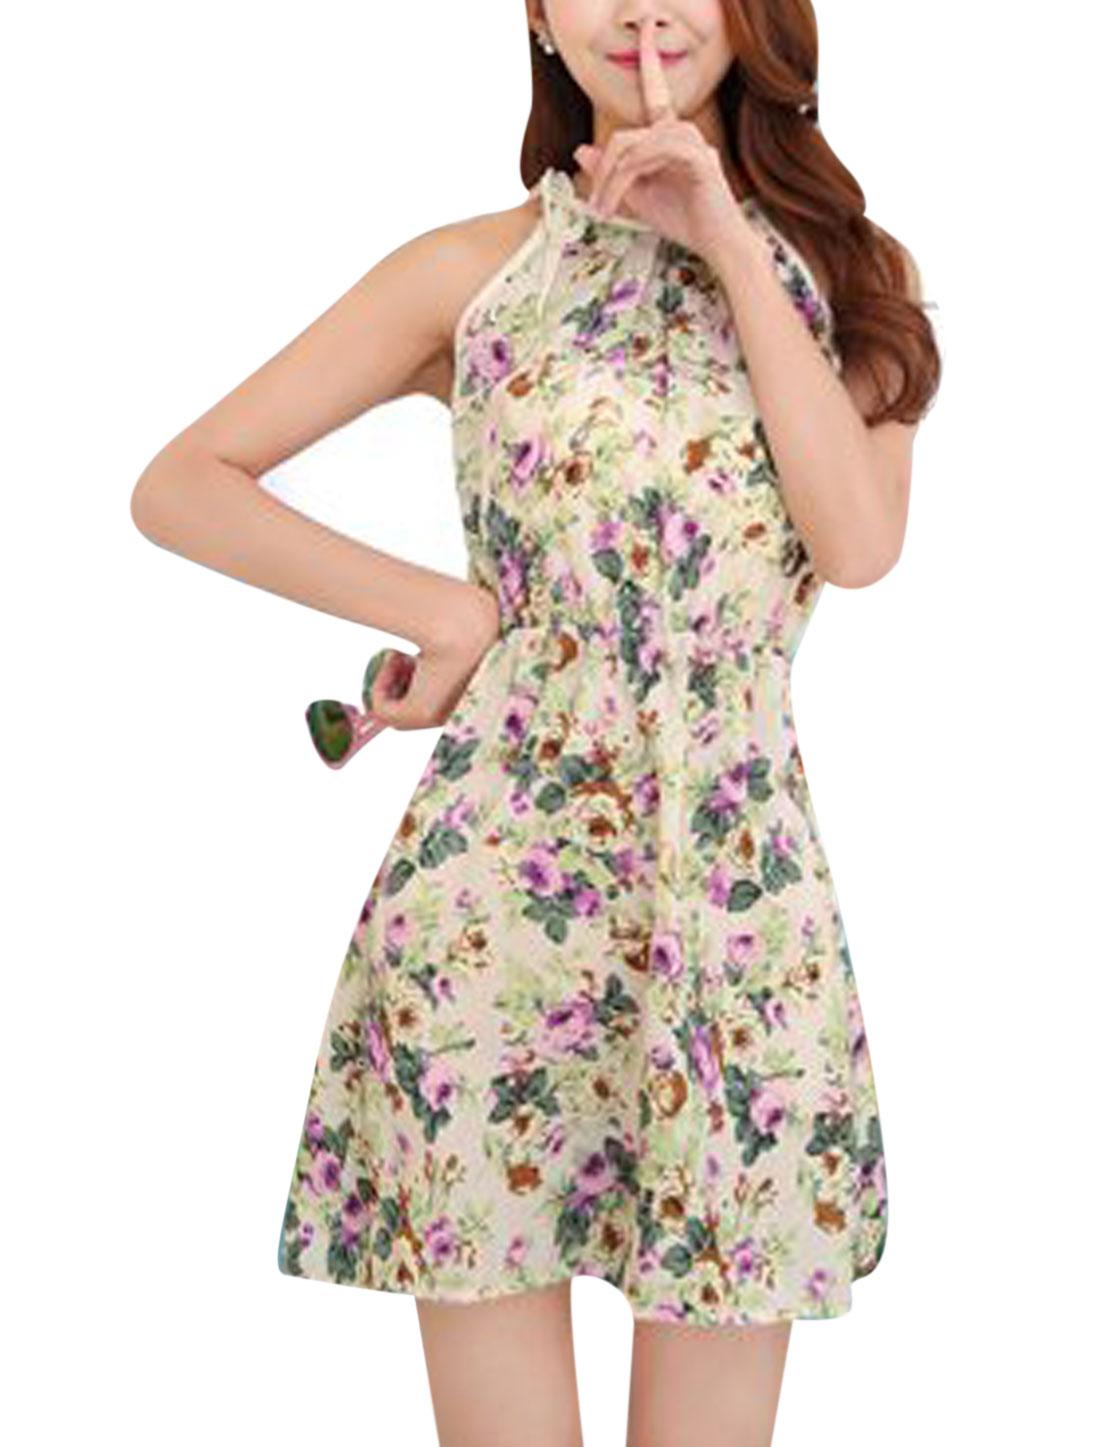 Women Self Tie Straps Round Neck Sleeveless Floral Dress Beige XS